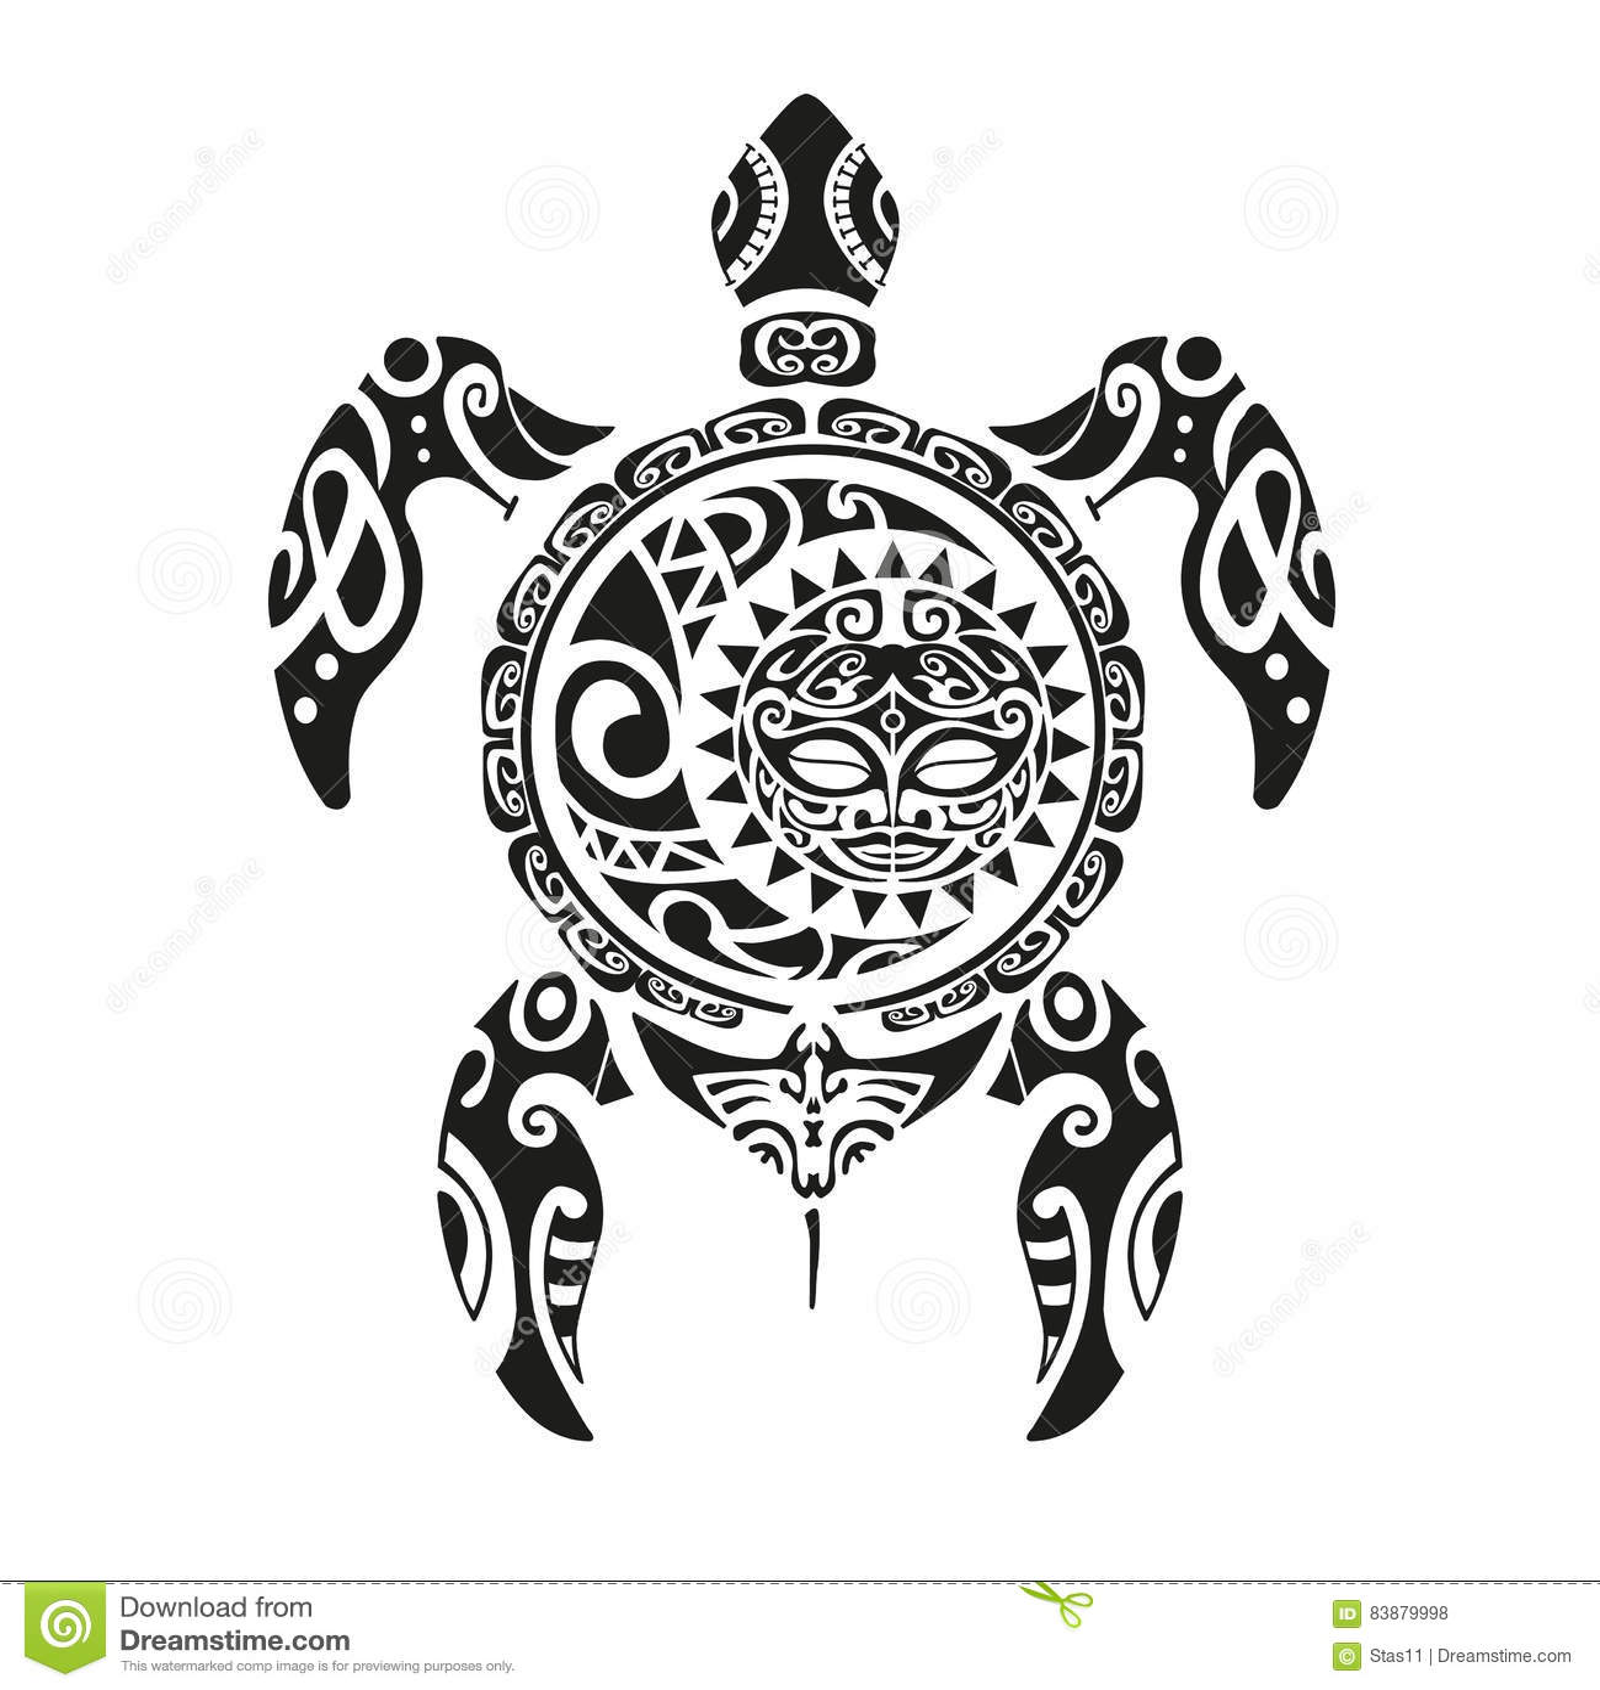 Tatouage De Tortue Dans Le Style Maori Illustration Eps10 De Vecteur